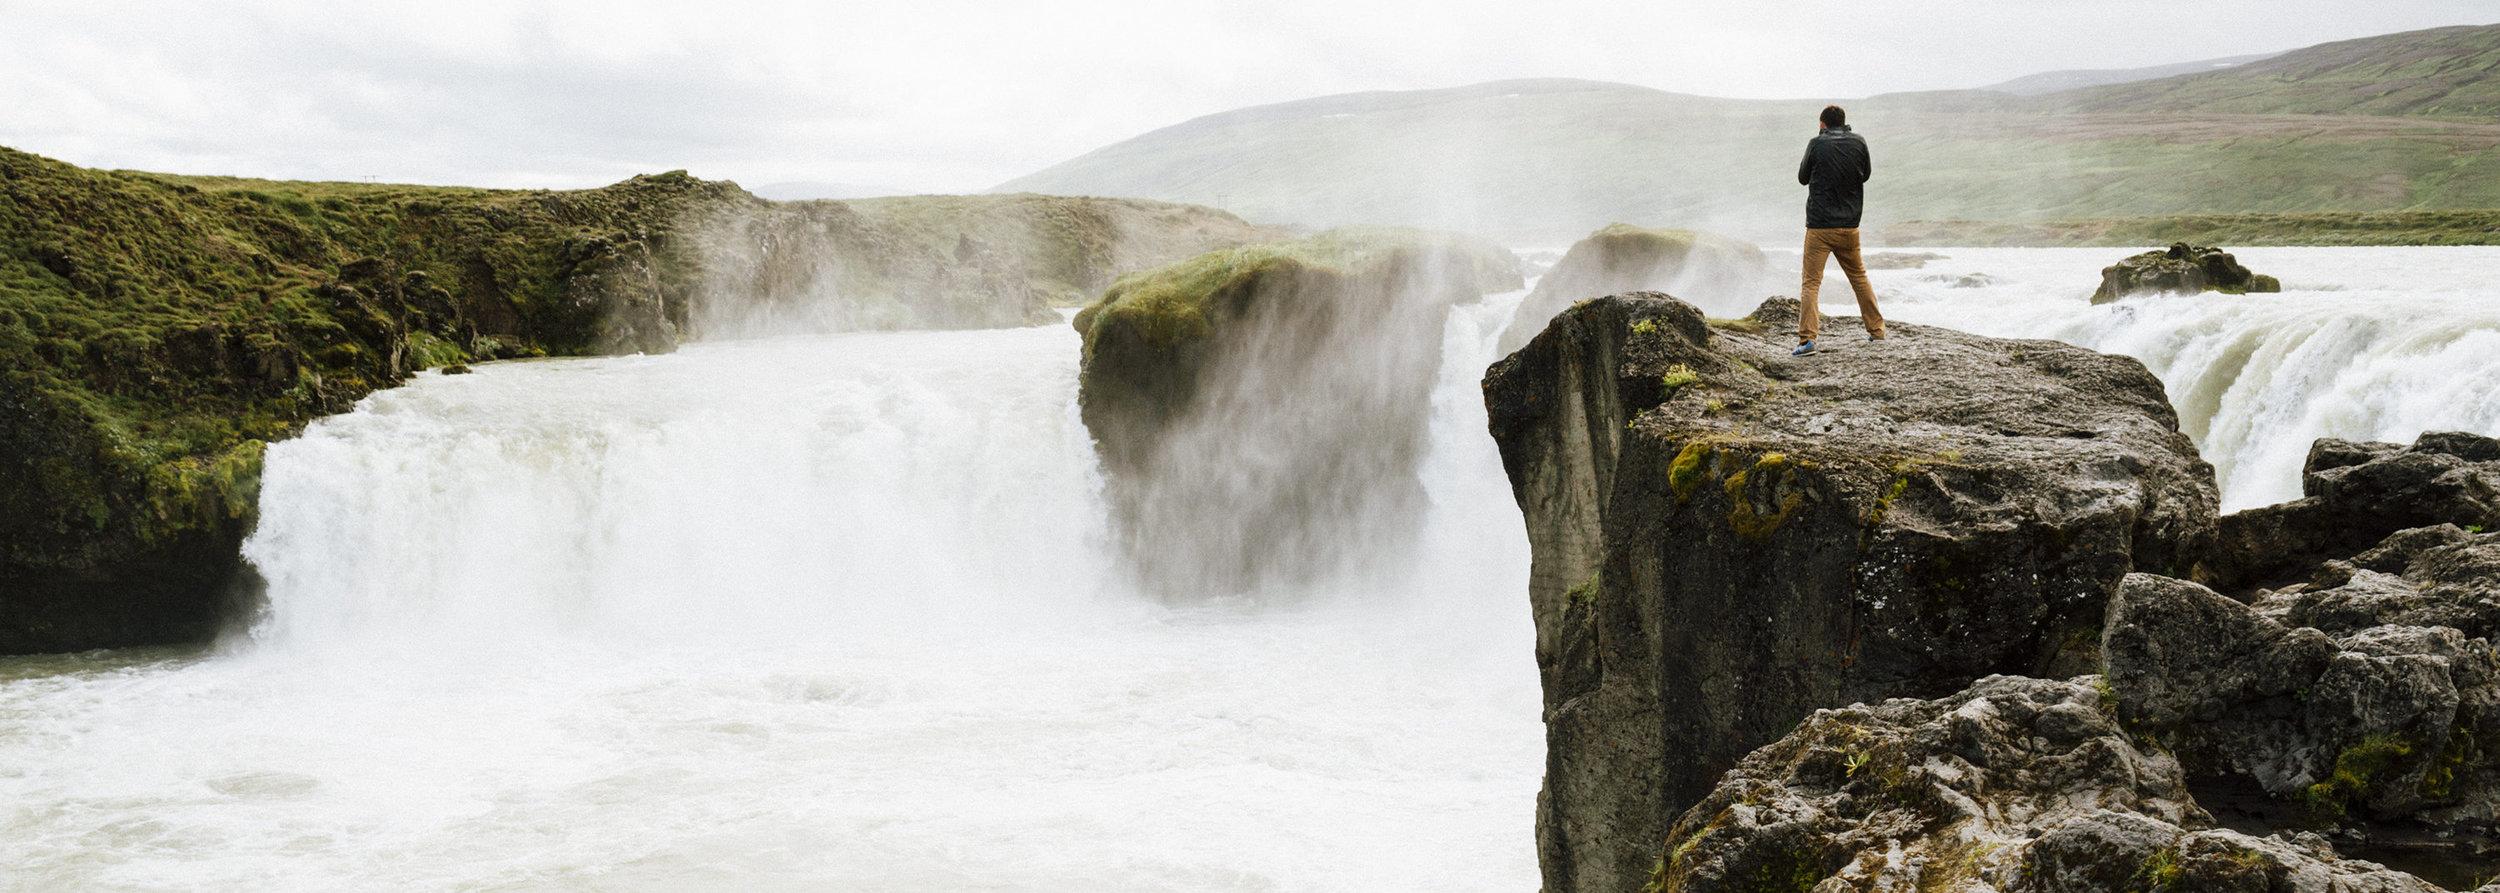 person-stream-cliff-river-e1488498411979.jpg